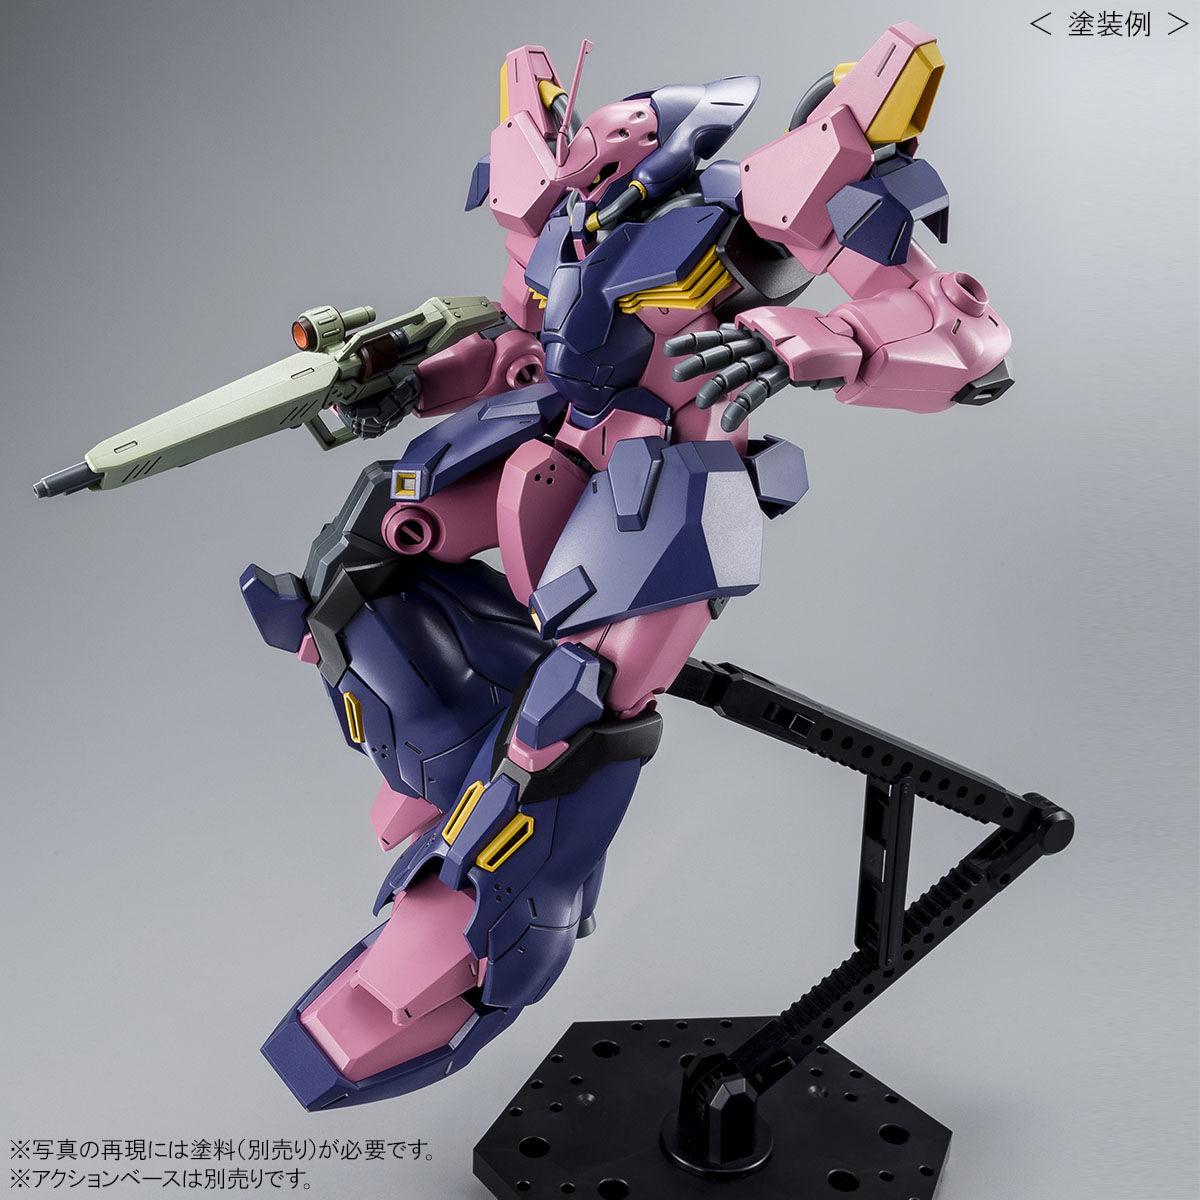 【限定販売】HG 1/144『メッサーF02型』機動戦士ガンダム 閃光のハサウェイ プラモデル-017